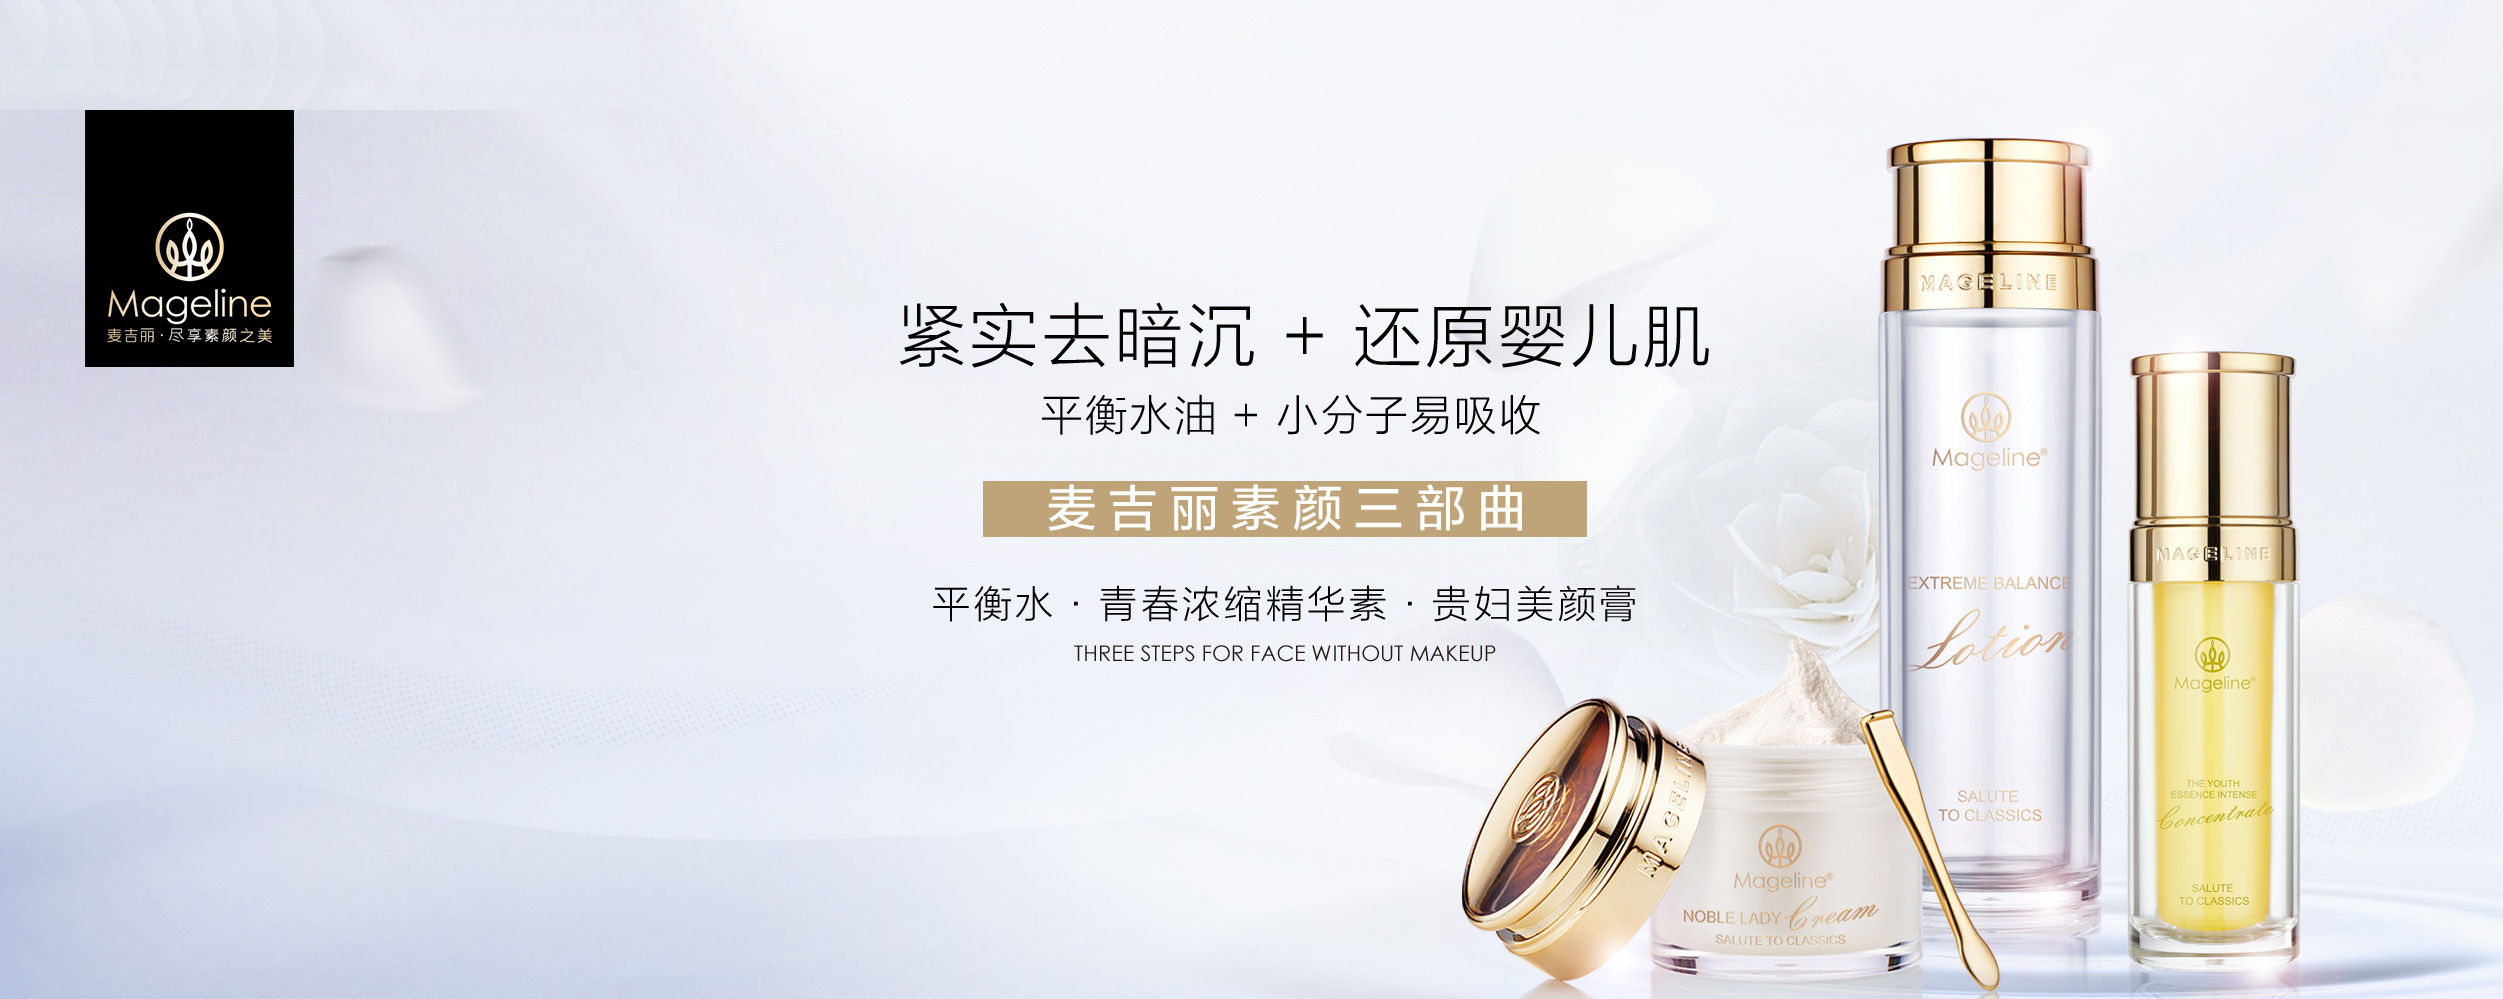 新疆森米产品代理公司麦吉丽护肤品使用顺序